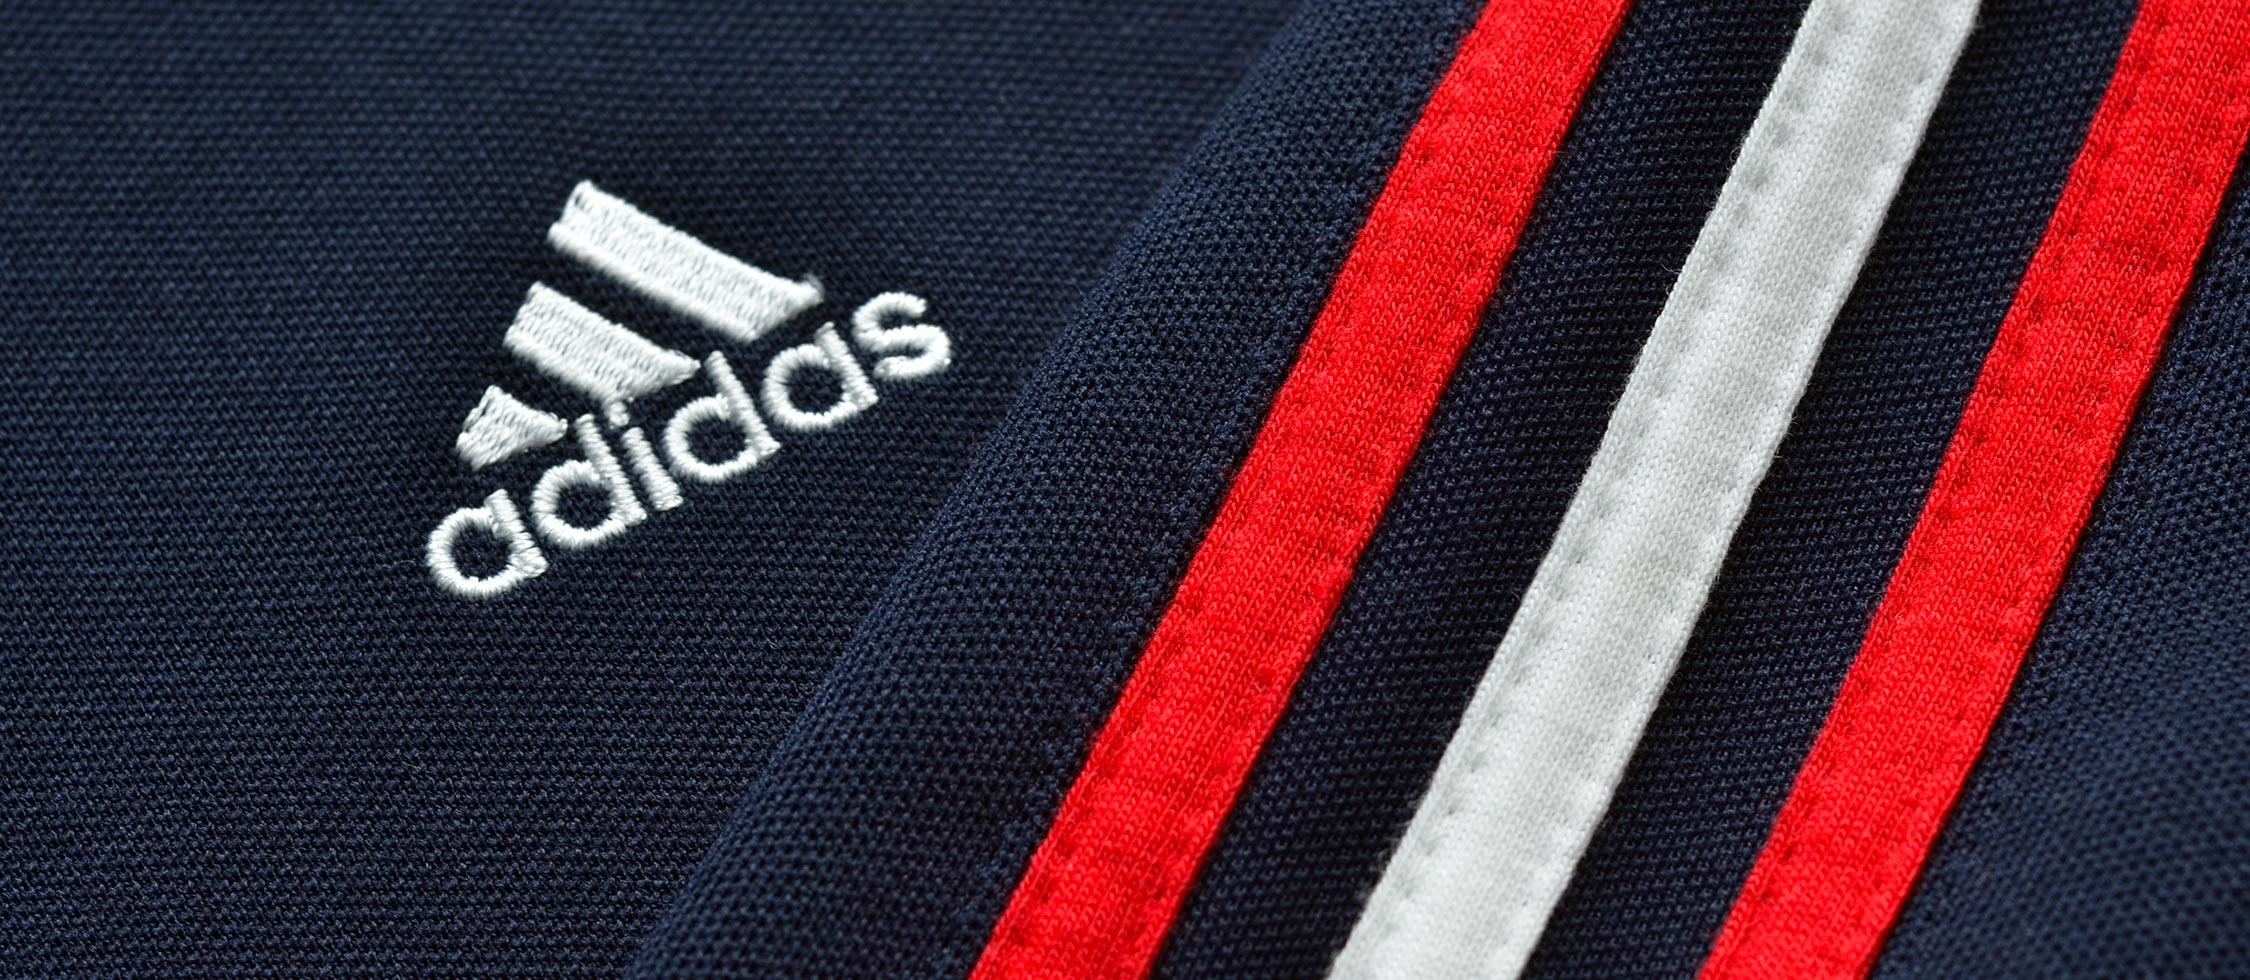 coverNike, adidas, Under Armour: le strategie delle Big Three dello sportswear